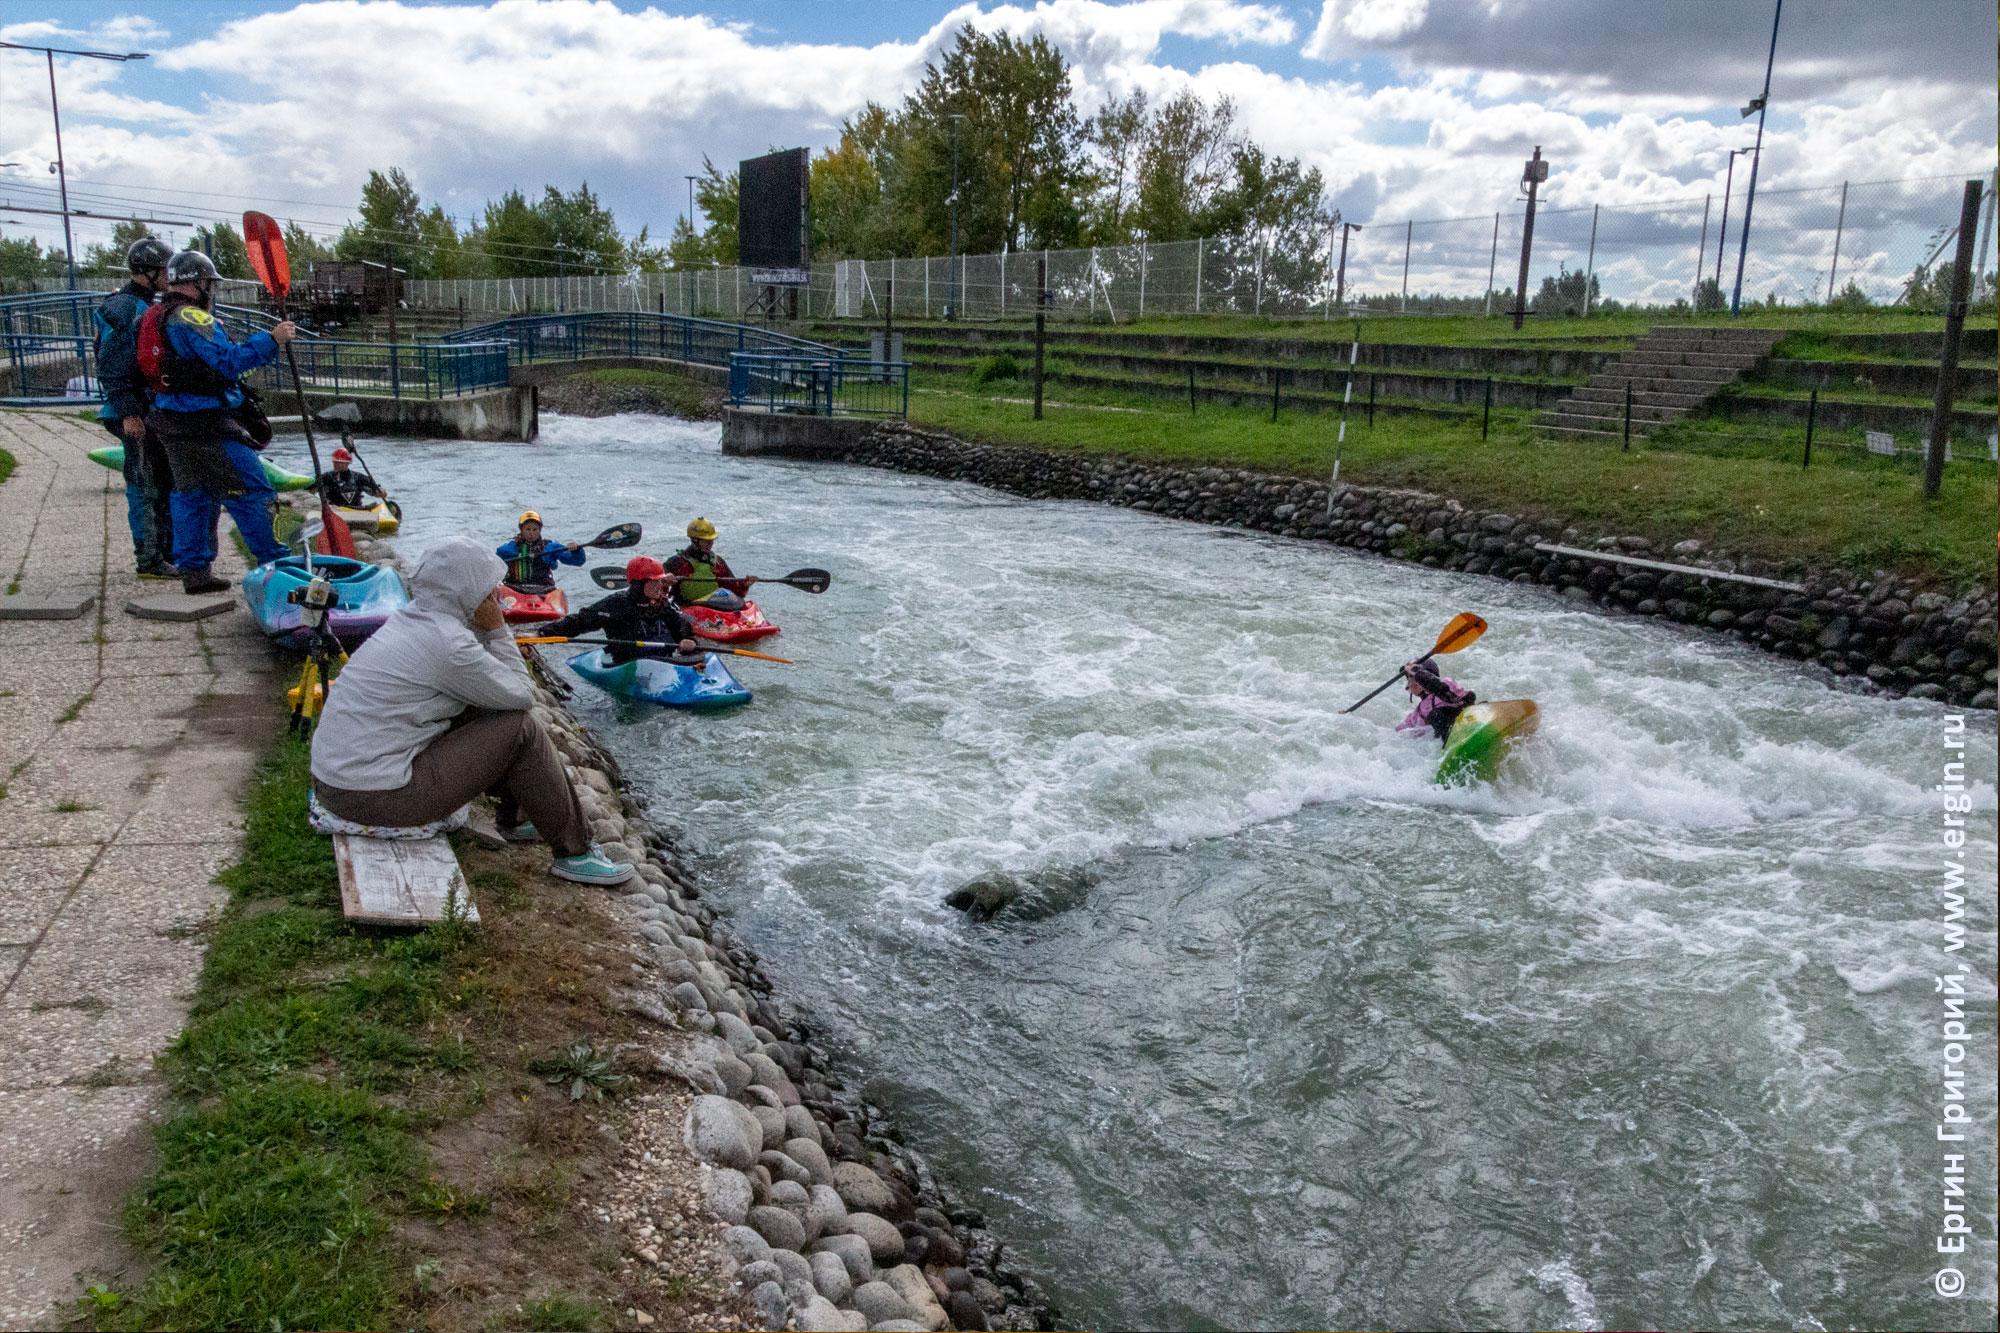 Фристайл-каякинг на бурной воде в искусственной бочке на слаломном канале в Чуново Братислава